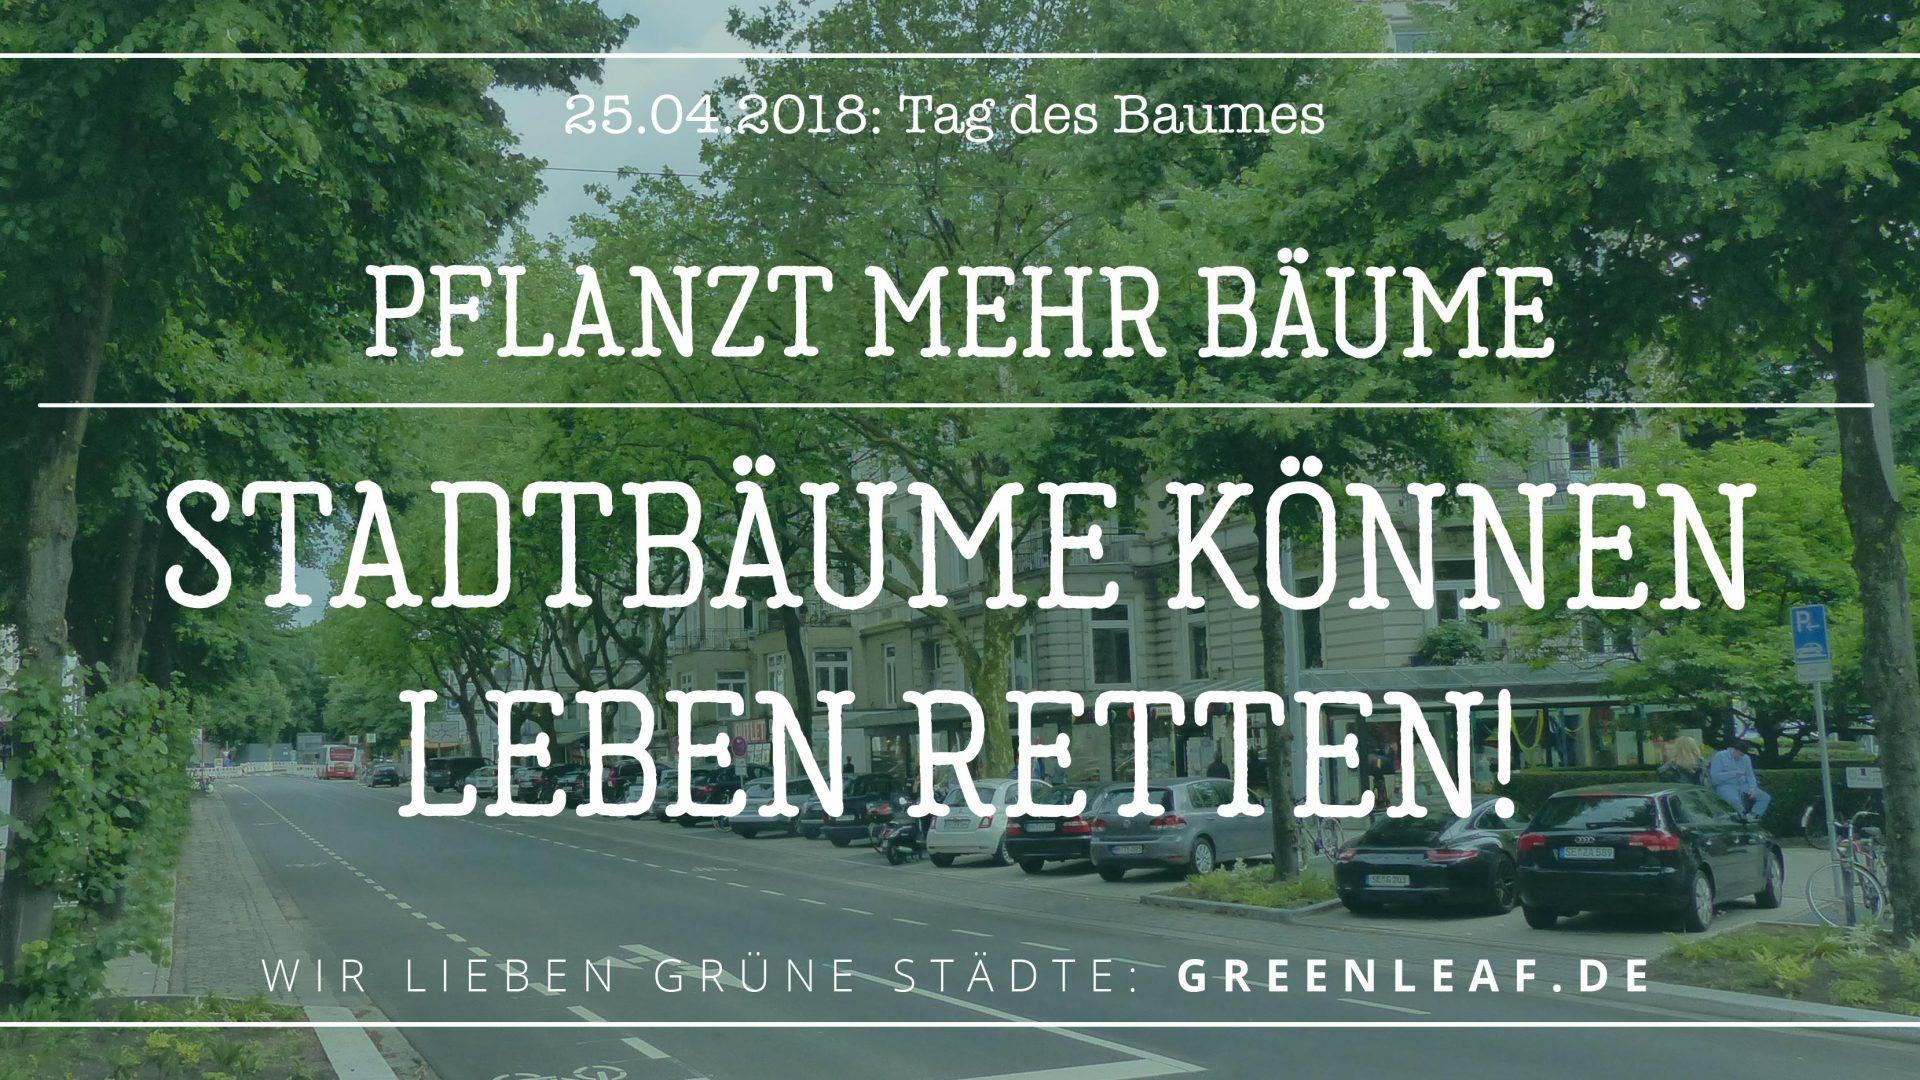 Stadtbäume können Leben retten!